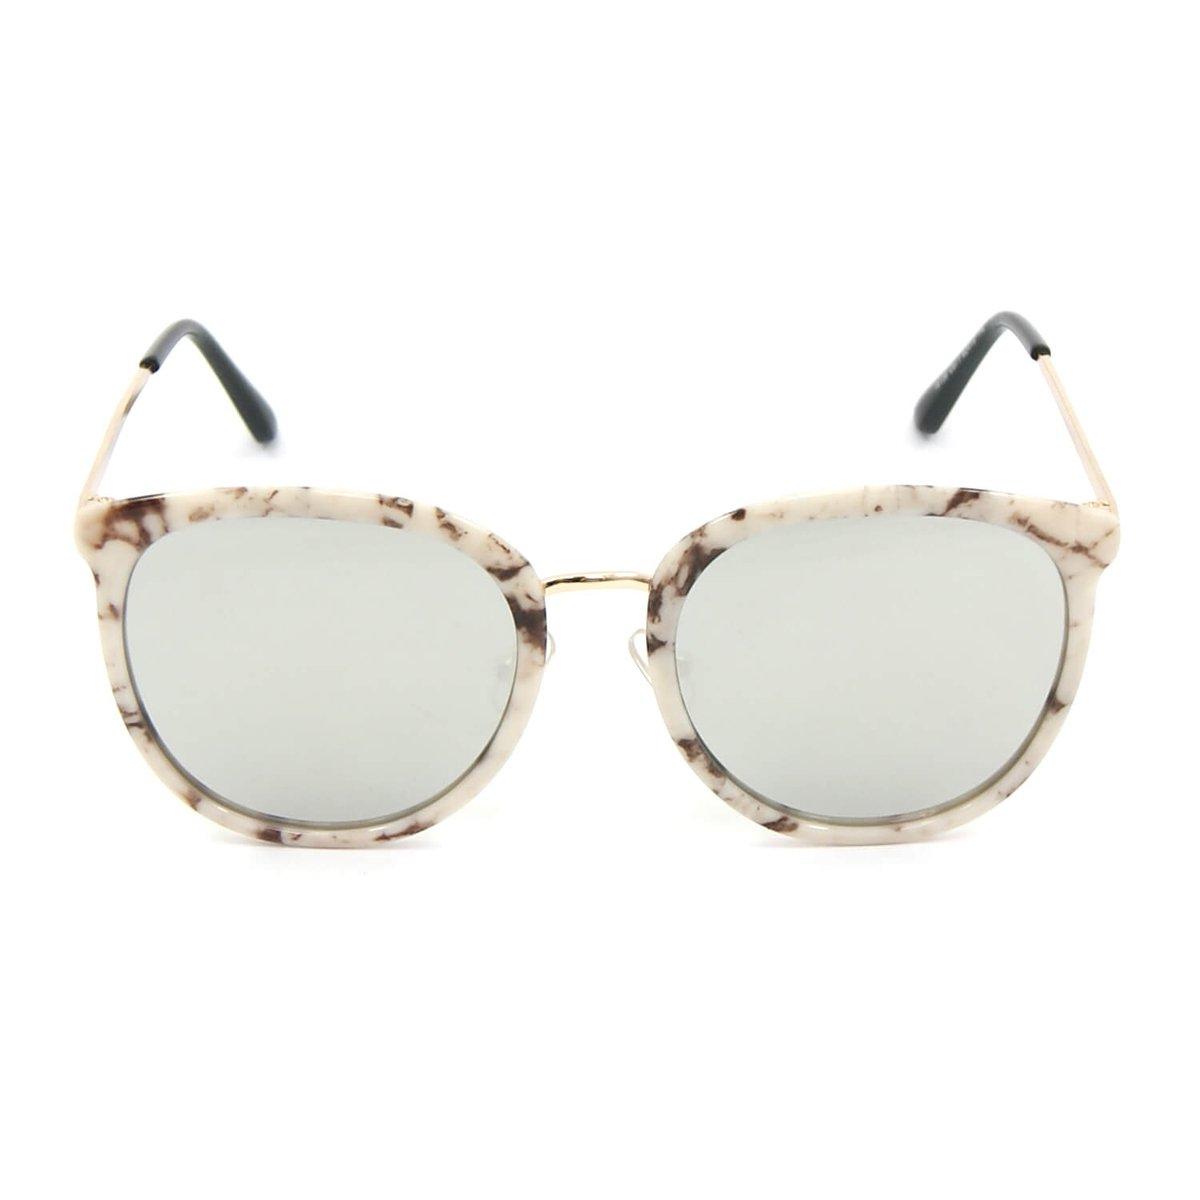 358da7c01ddf7 Óculos Bijoulux de Sol Marmorizado com Lente Espelhada - Compre ...